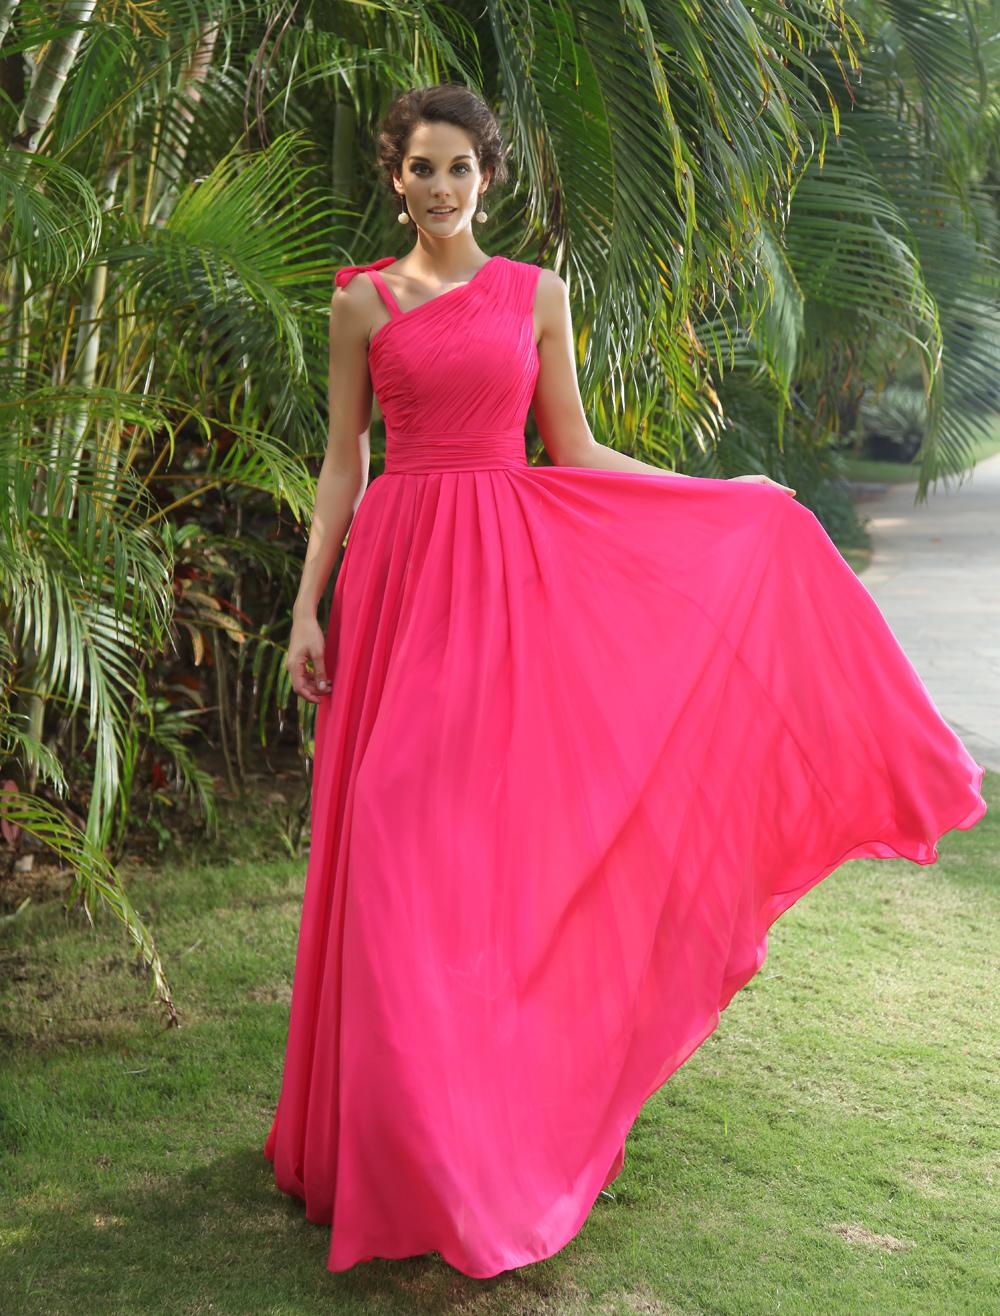 2ff9c757a Vestido de fiesta de chifón con escote a un solo hombro - Milanoo.com